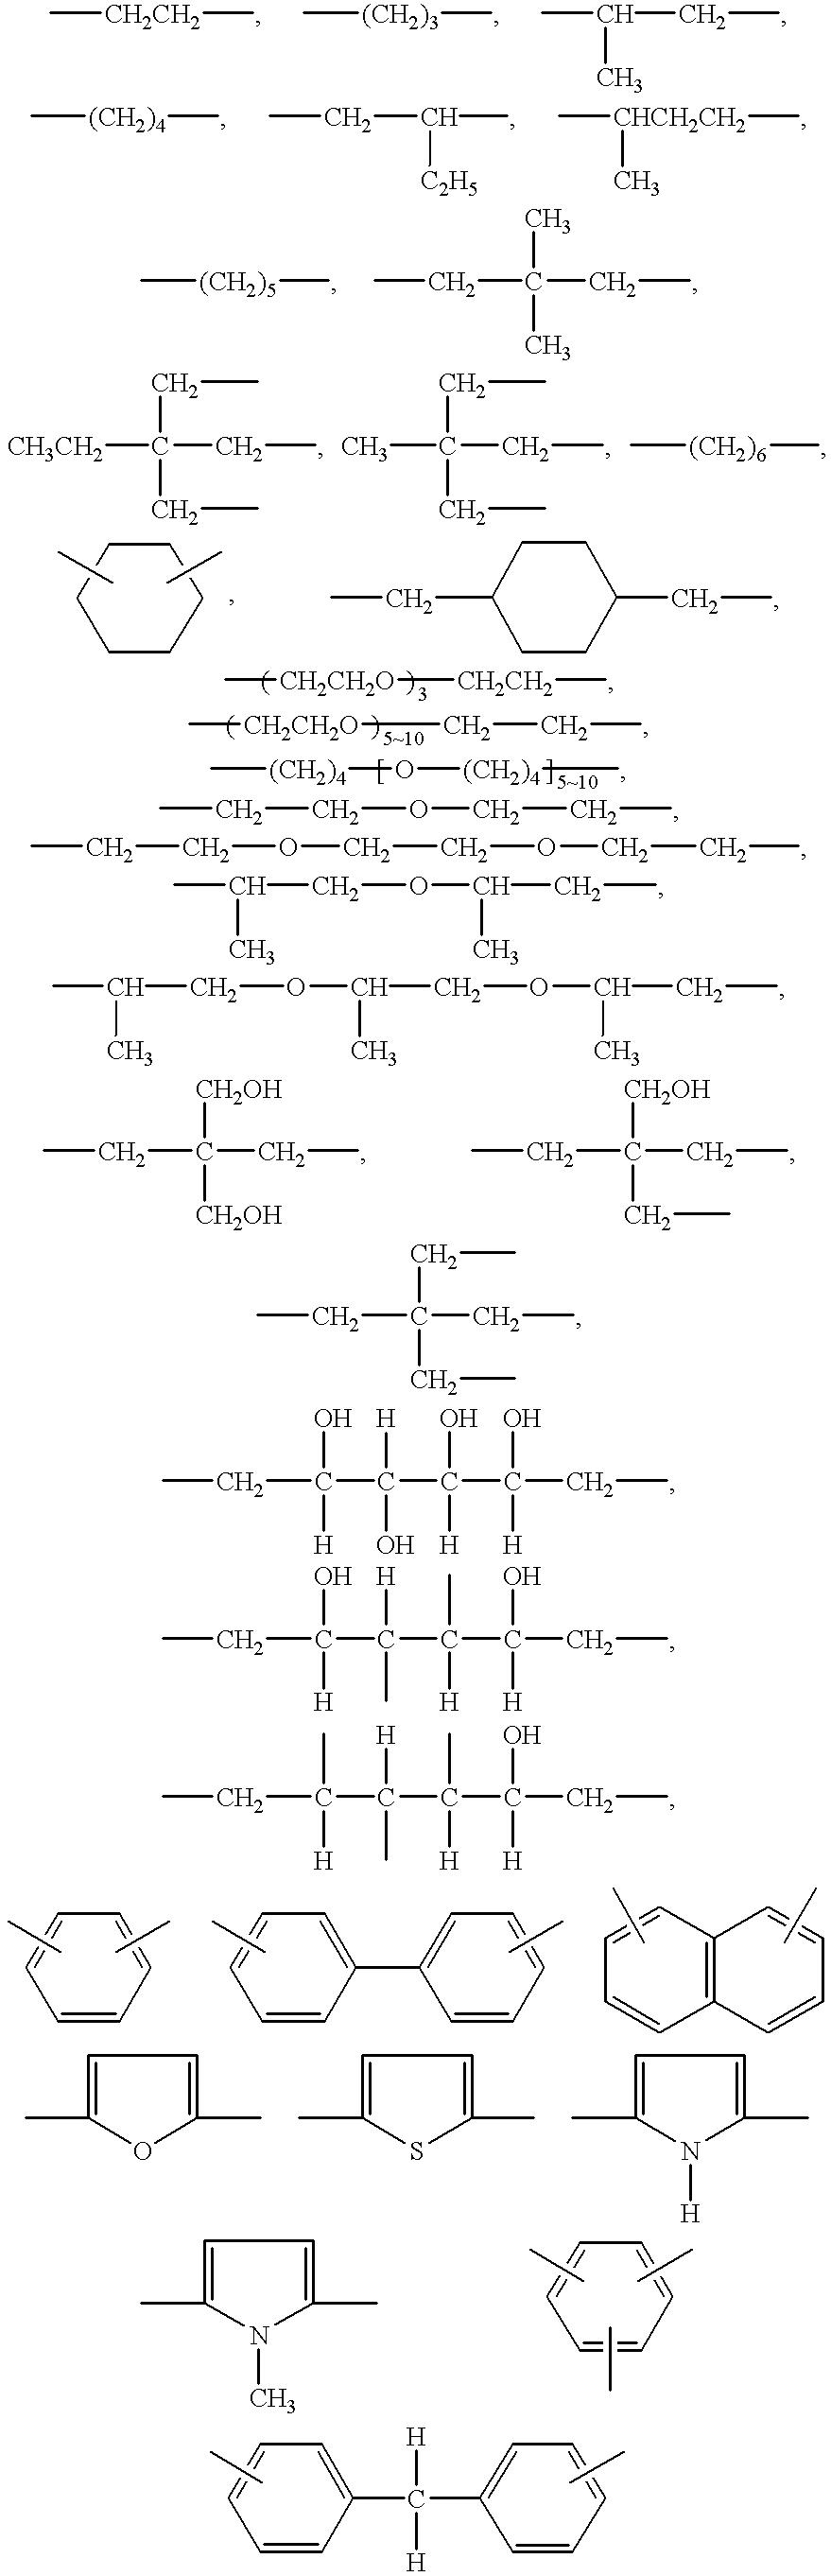 Figure US06593056-20030715-C00031